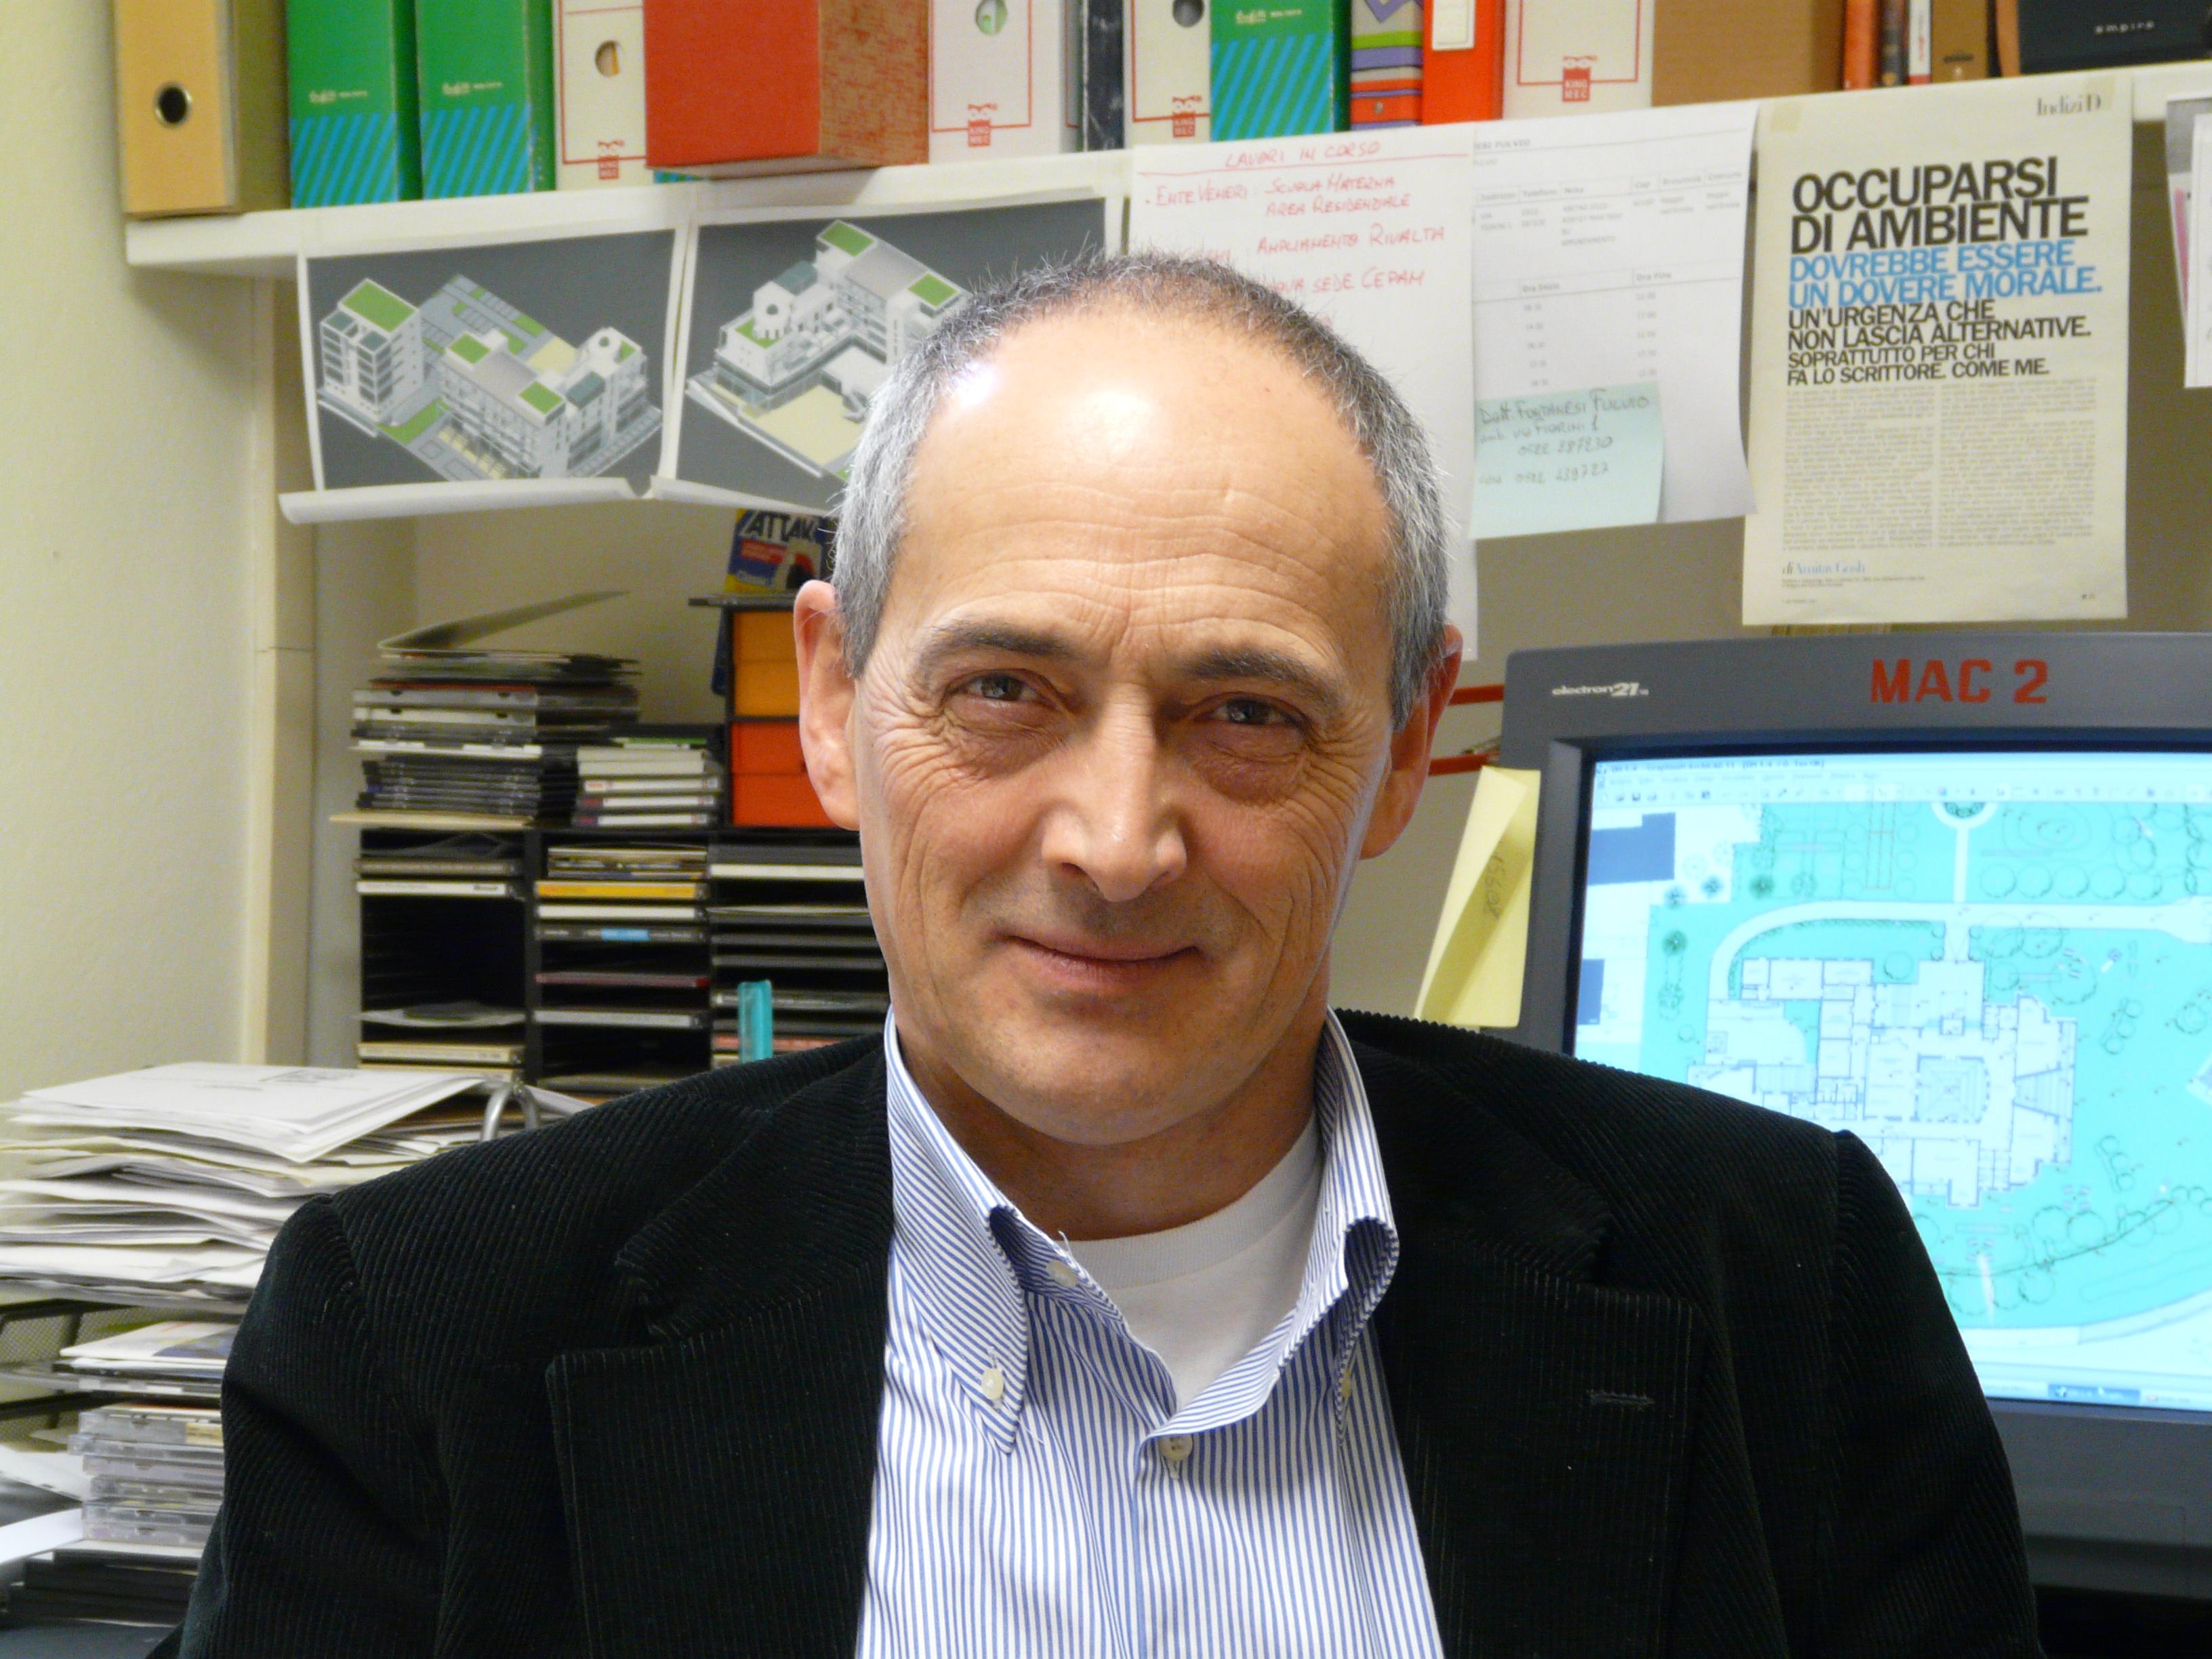 CONSULENZA E PROGETTI PER LA SOSTENIBILITA' E IL RISPARMIO ENERGETICO IN ARCHITETTURA E URBANISTICA